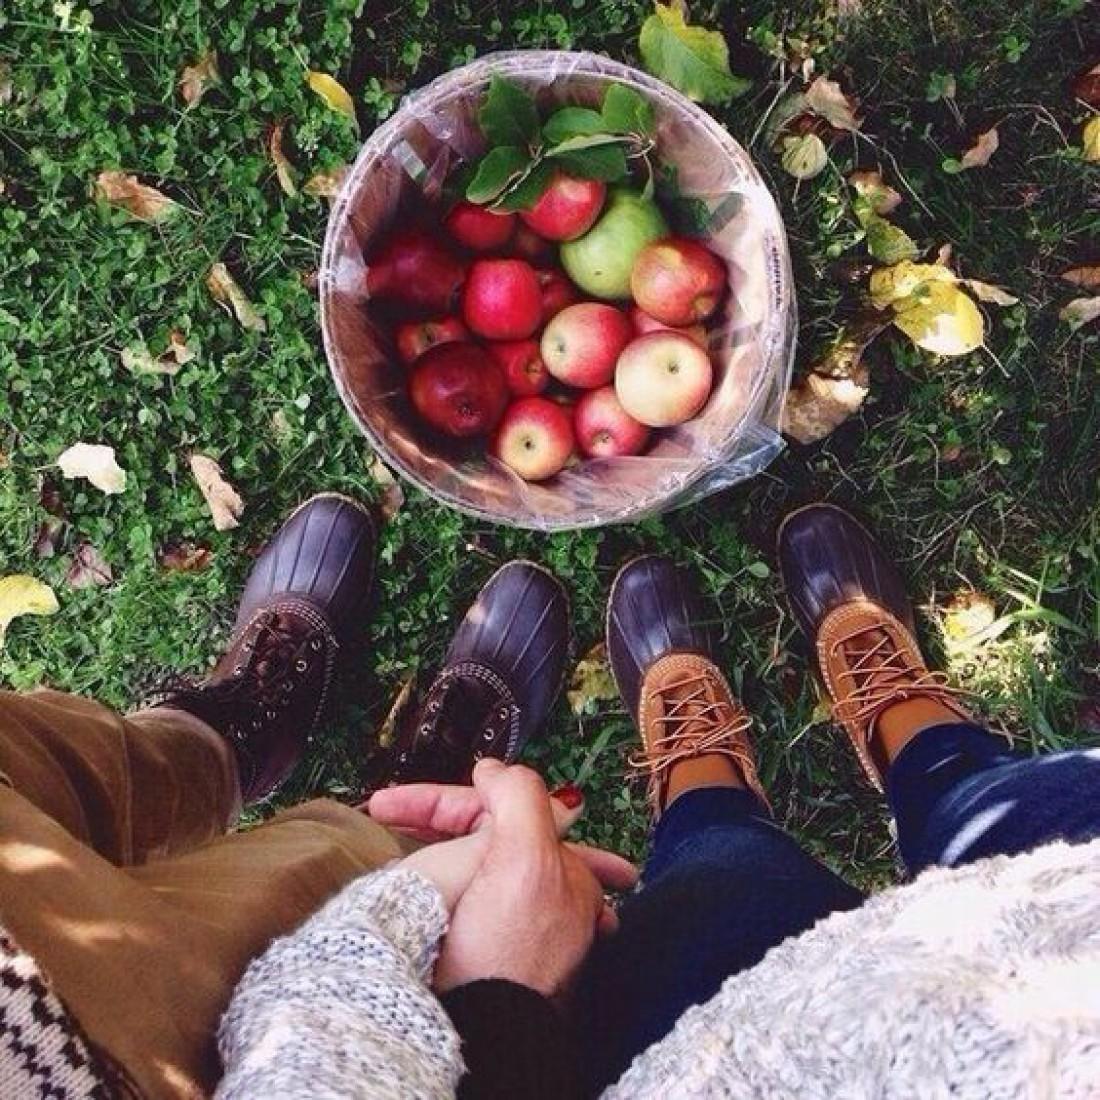 Преображение (Яблочный Спас) - что можно, что нельзя делать в праздник